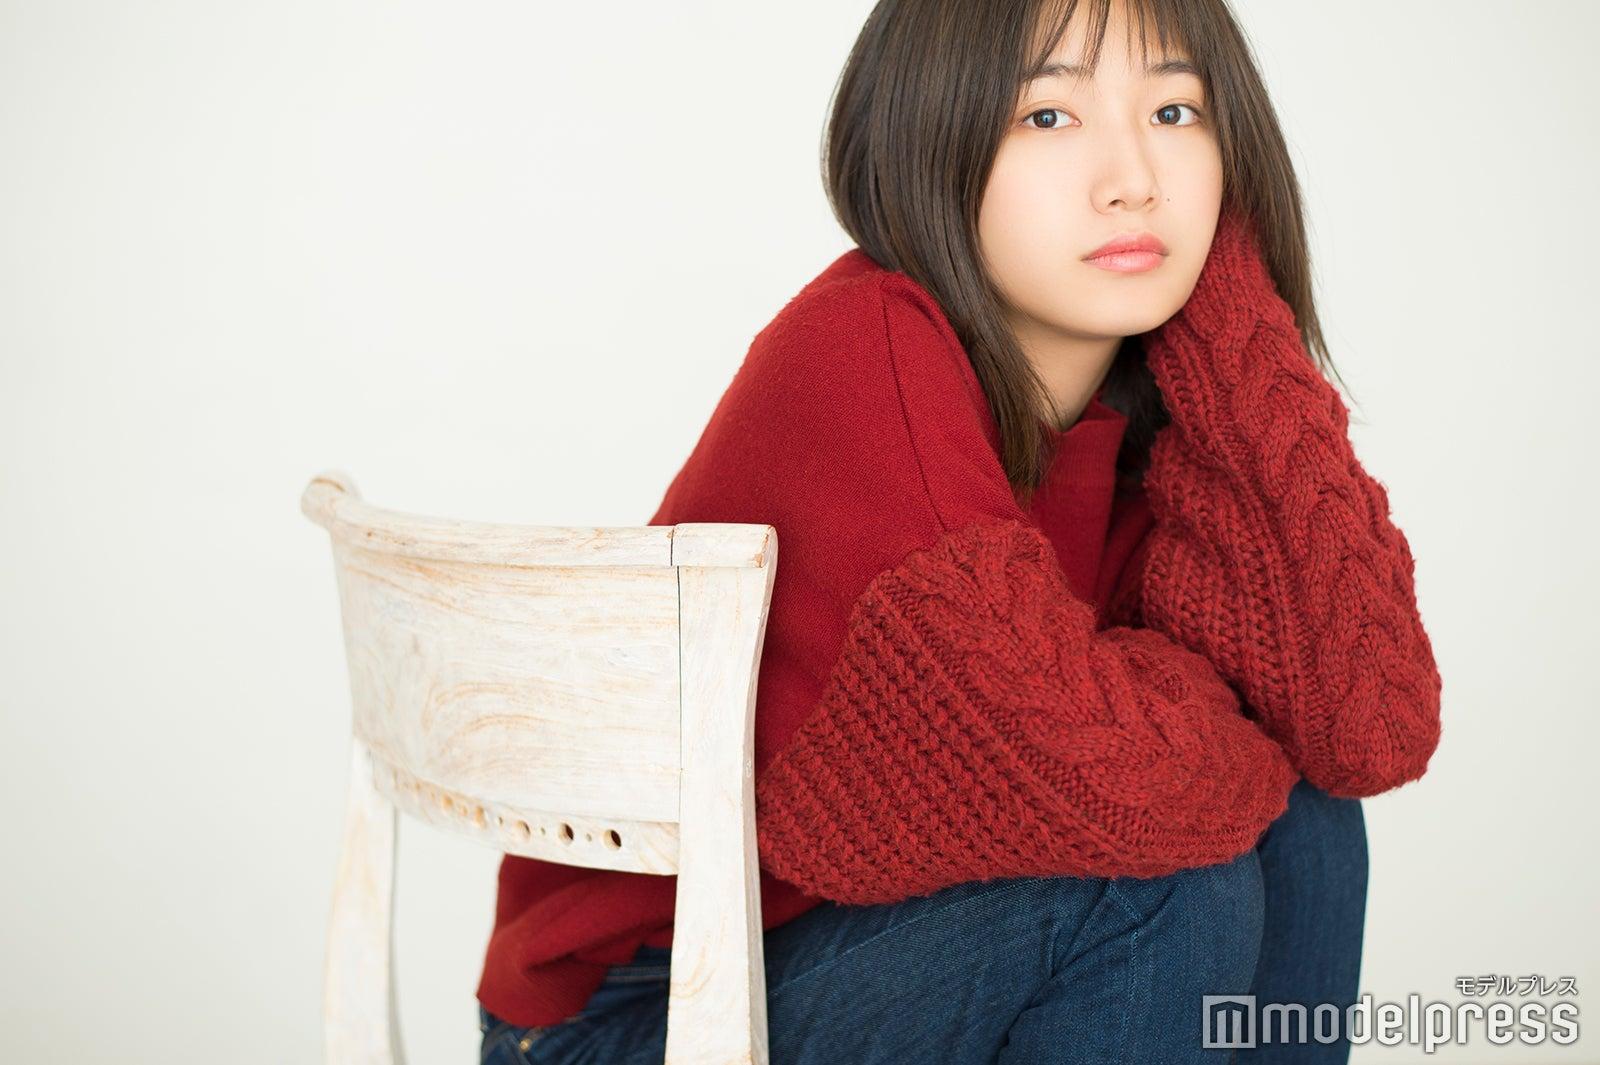 2000年5月8日生まれ、東京都出身。2017年デビュー。デビュー直後のオーディションで決まった出演作品「LINE」のWEB動画の再生回数がYou  Tubeで190万回を超え話題となる